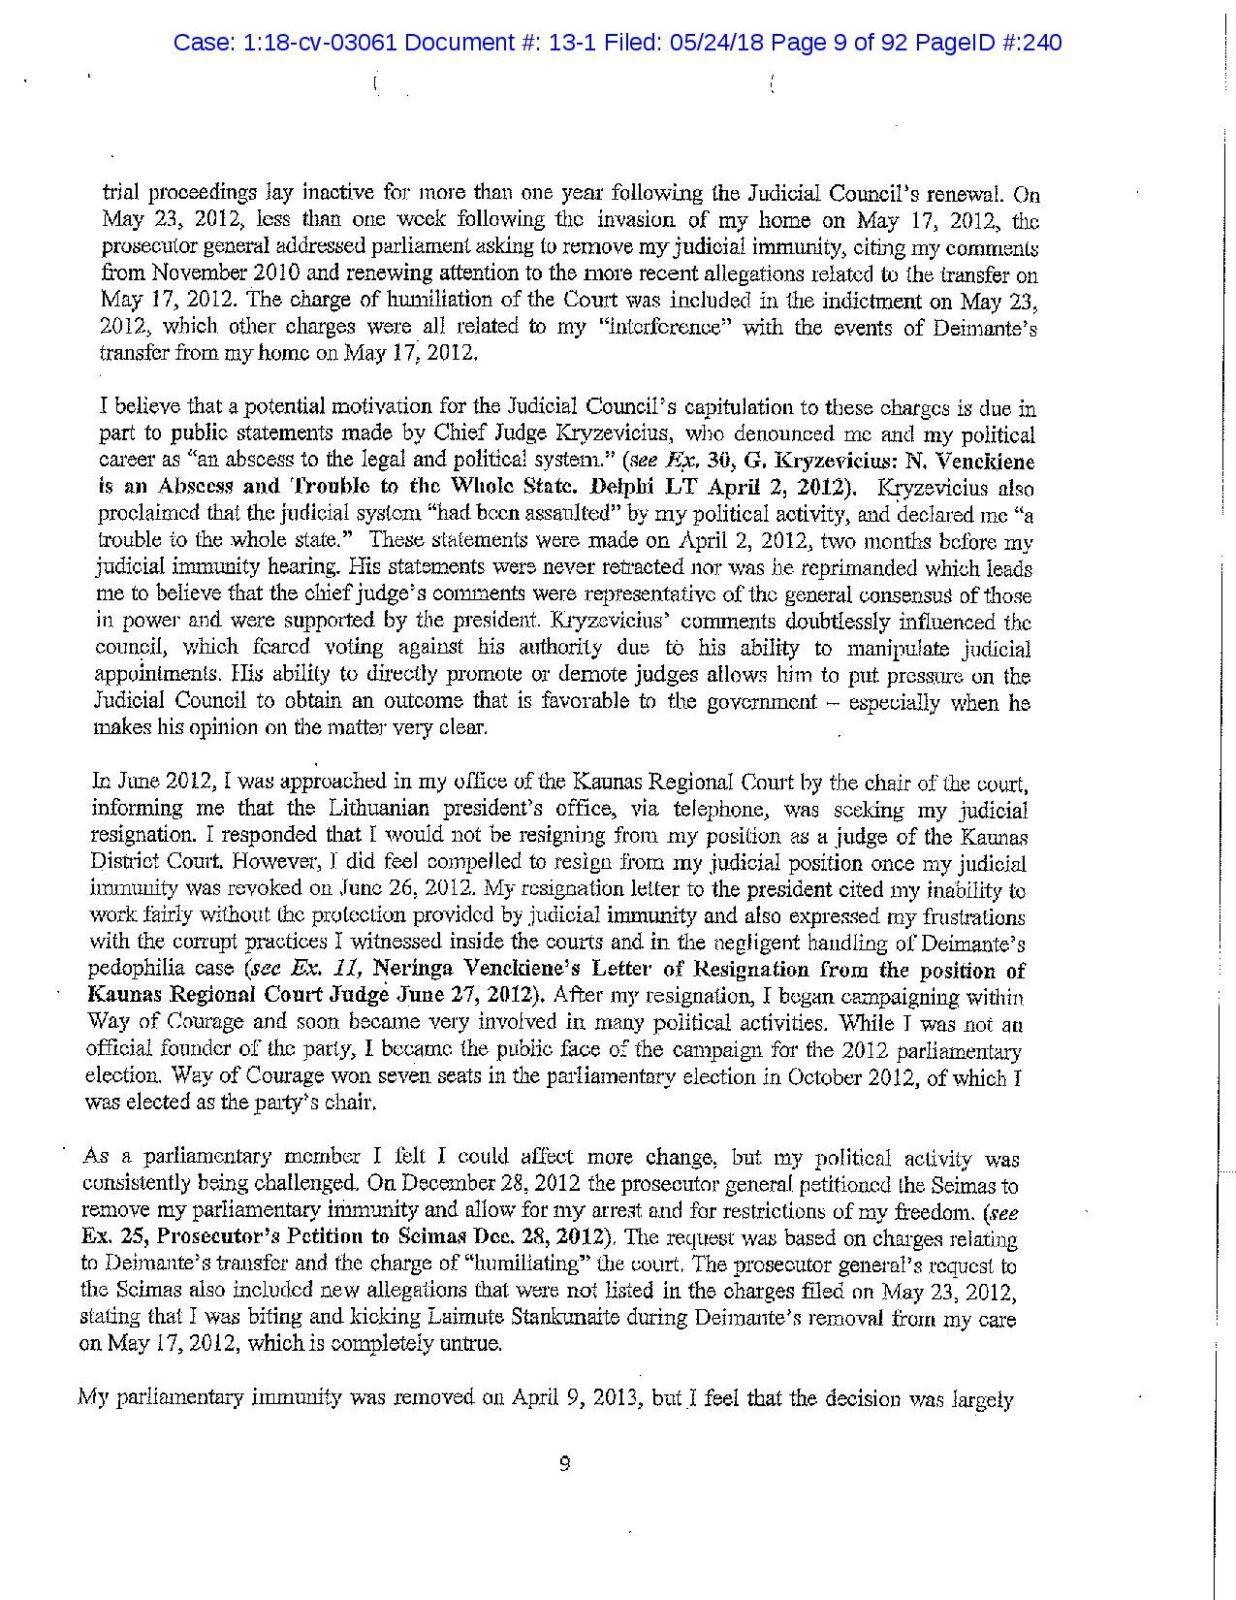 N.Venckienė Čikagos teisme papasakojo apie Dalios  Grybauskaitės vaidmenį pedofilijos byloje